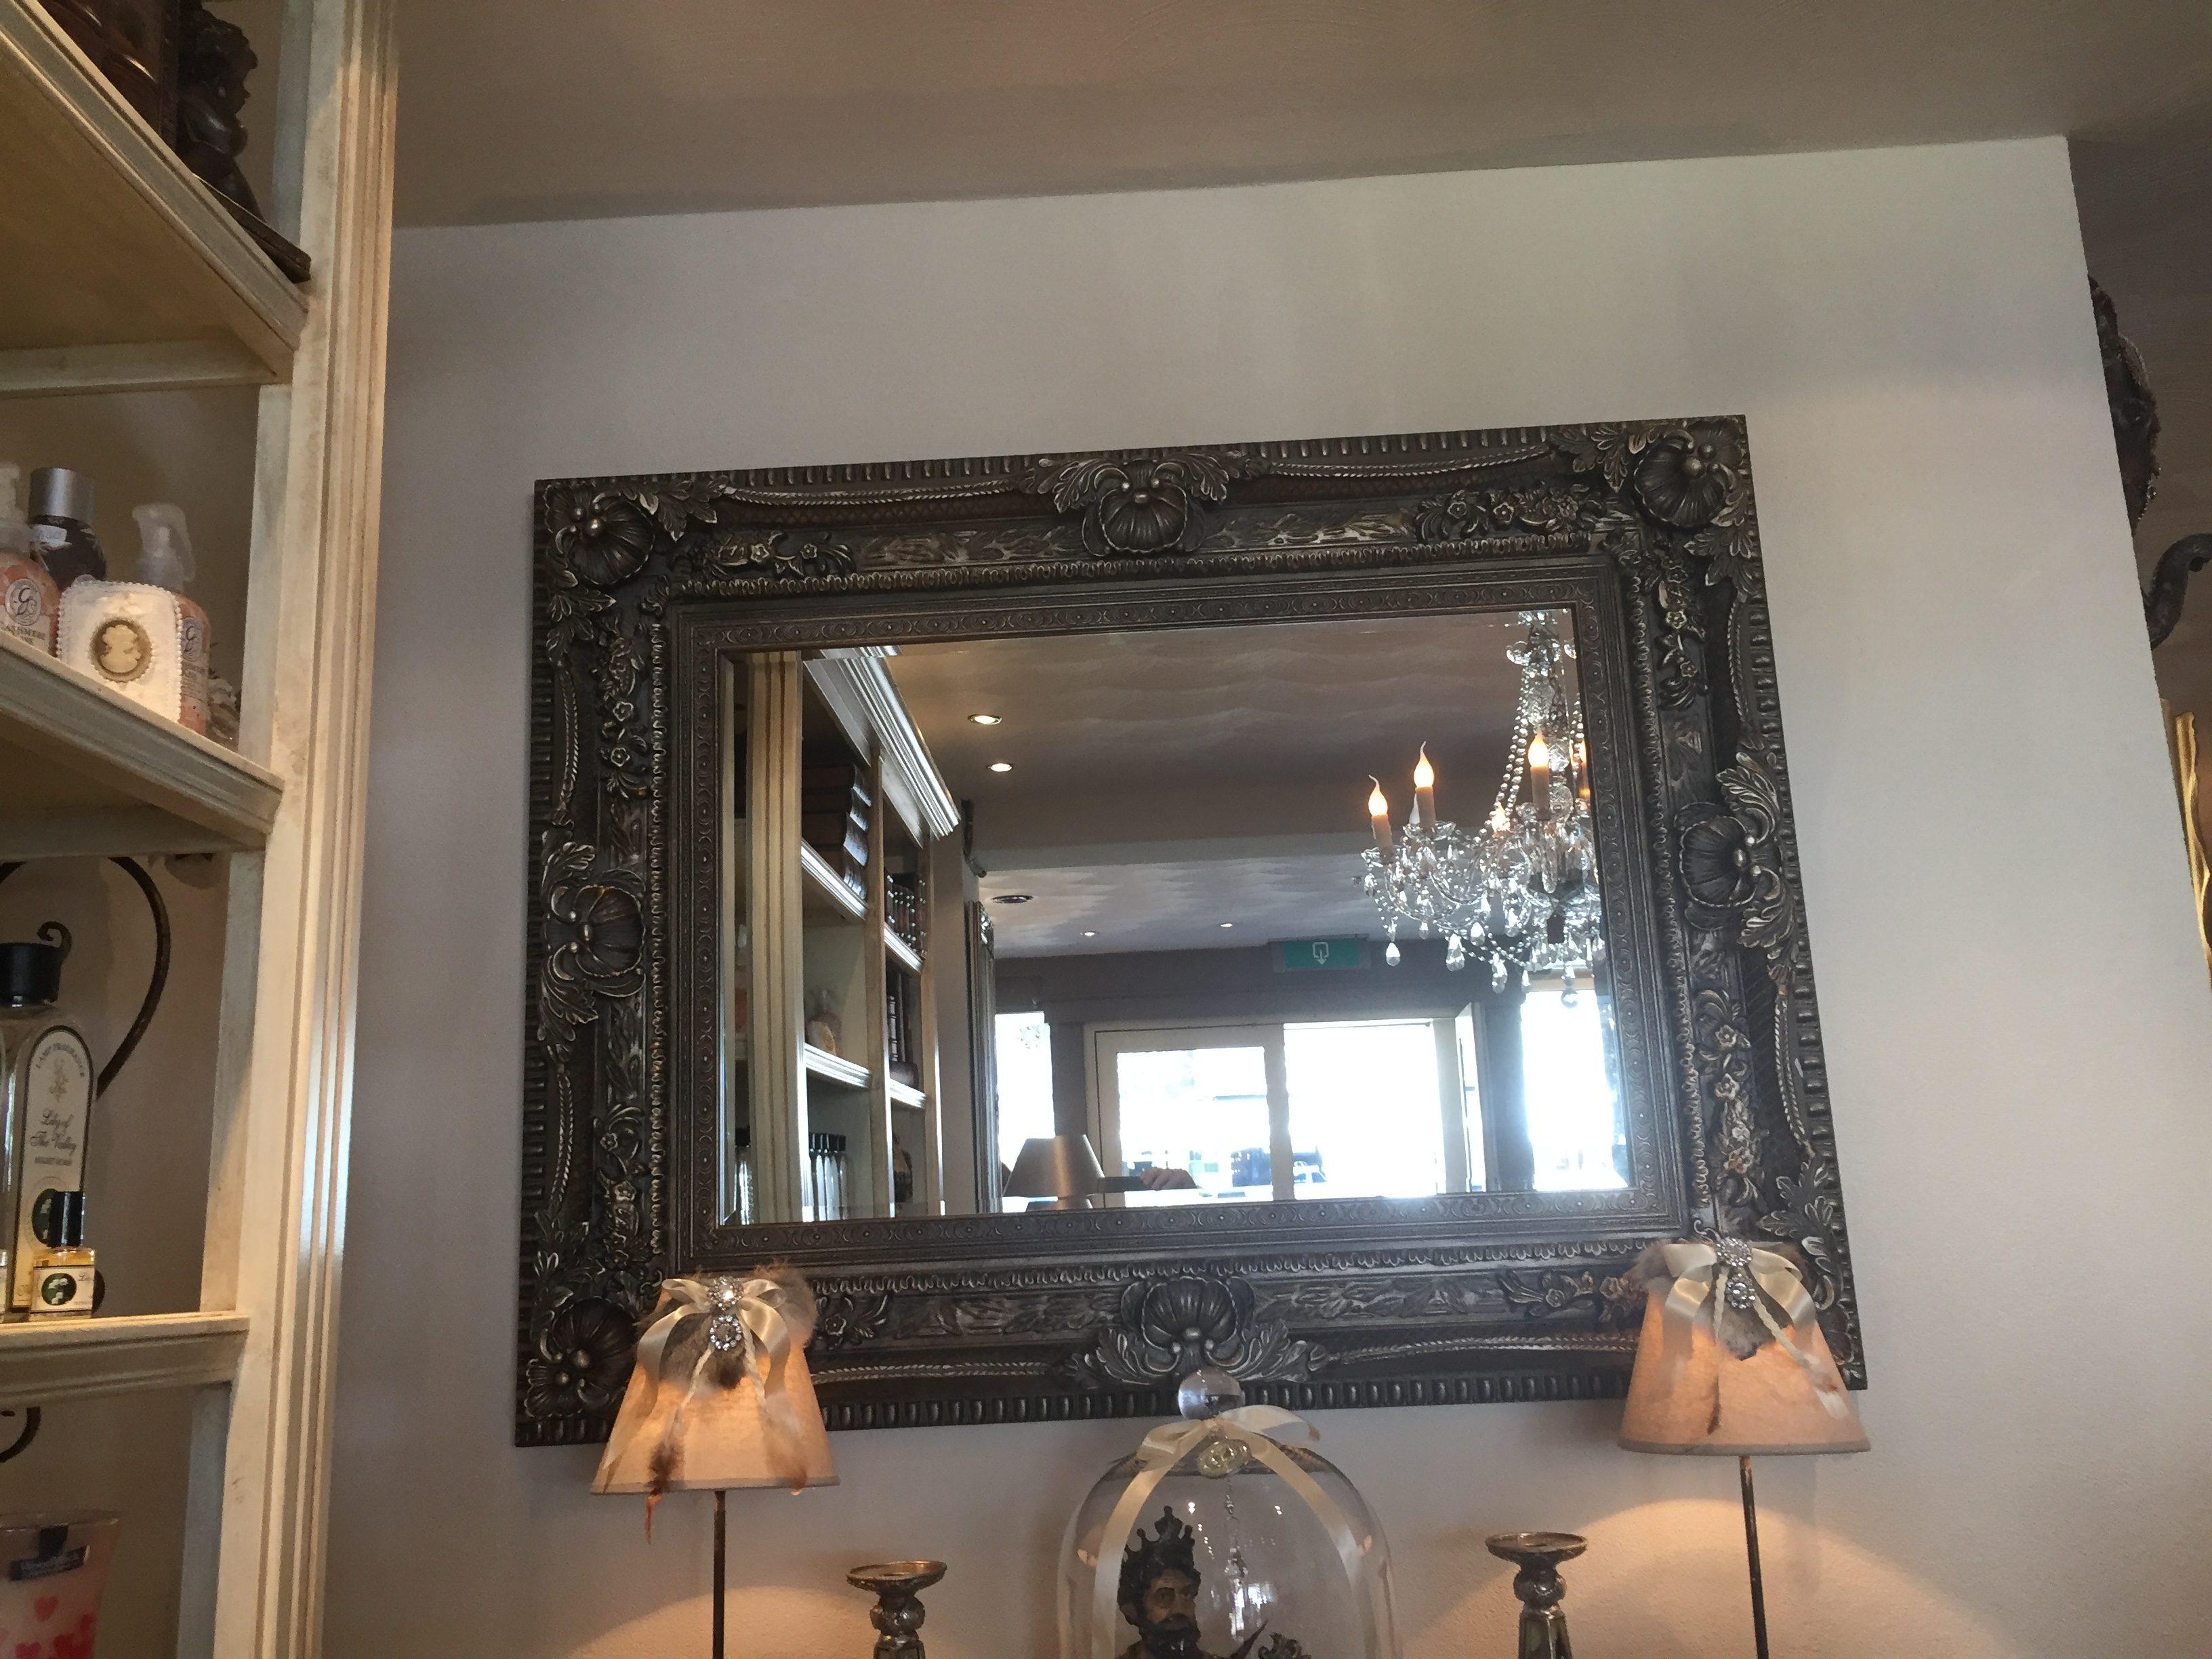 Witte Barok Spiegel : Grote antieke brocante barok spiegel wit goud l b a vendre